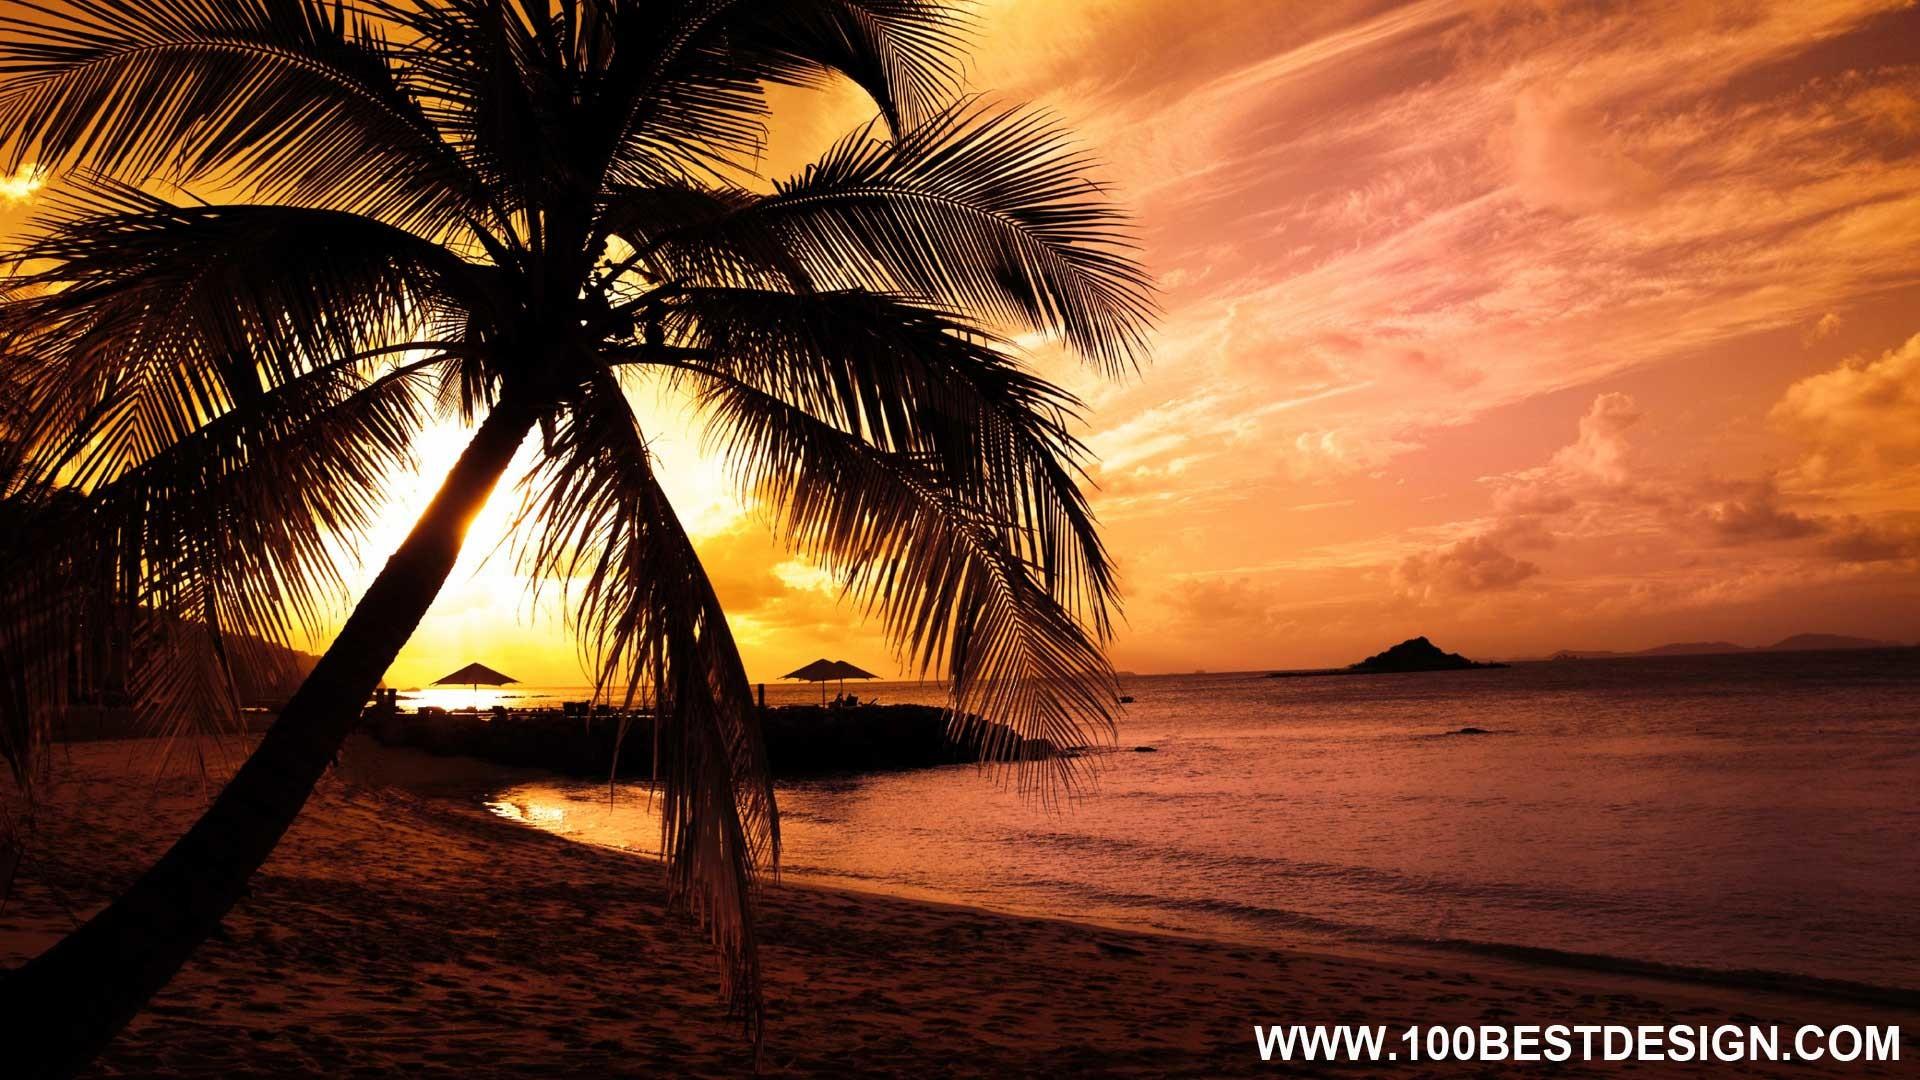 Top 100 Nice Nature Desktop Wallpaper And Background - Summer Sunset Beach Background - HD Wallpaper